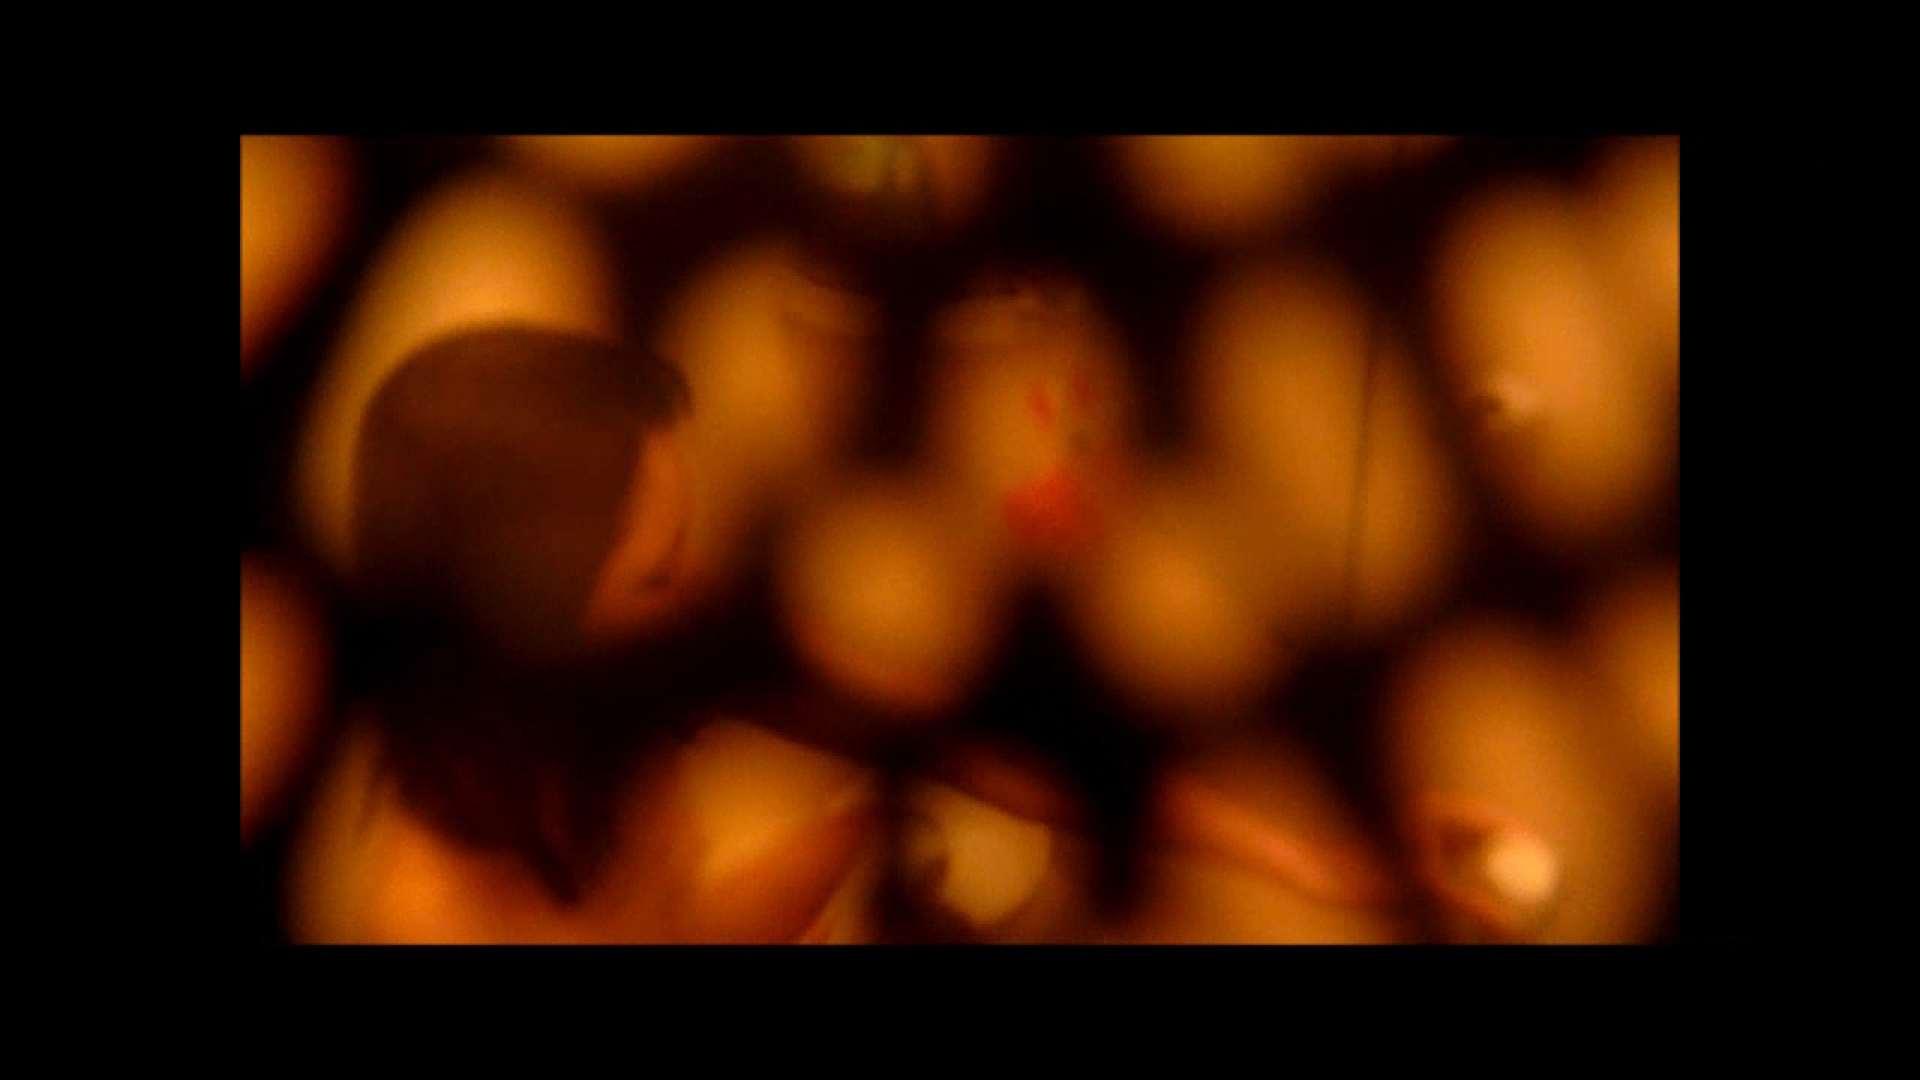 【02】ベランダに侵入して張り込みを始めて・・・やっと結果が出ました。 家宅侵入 | 0  82画像 62